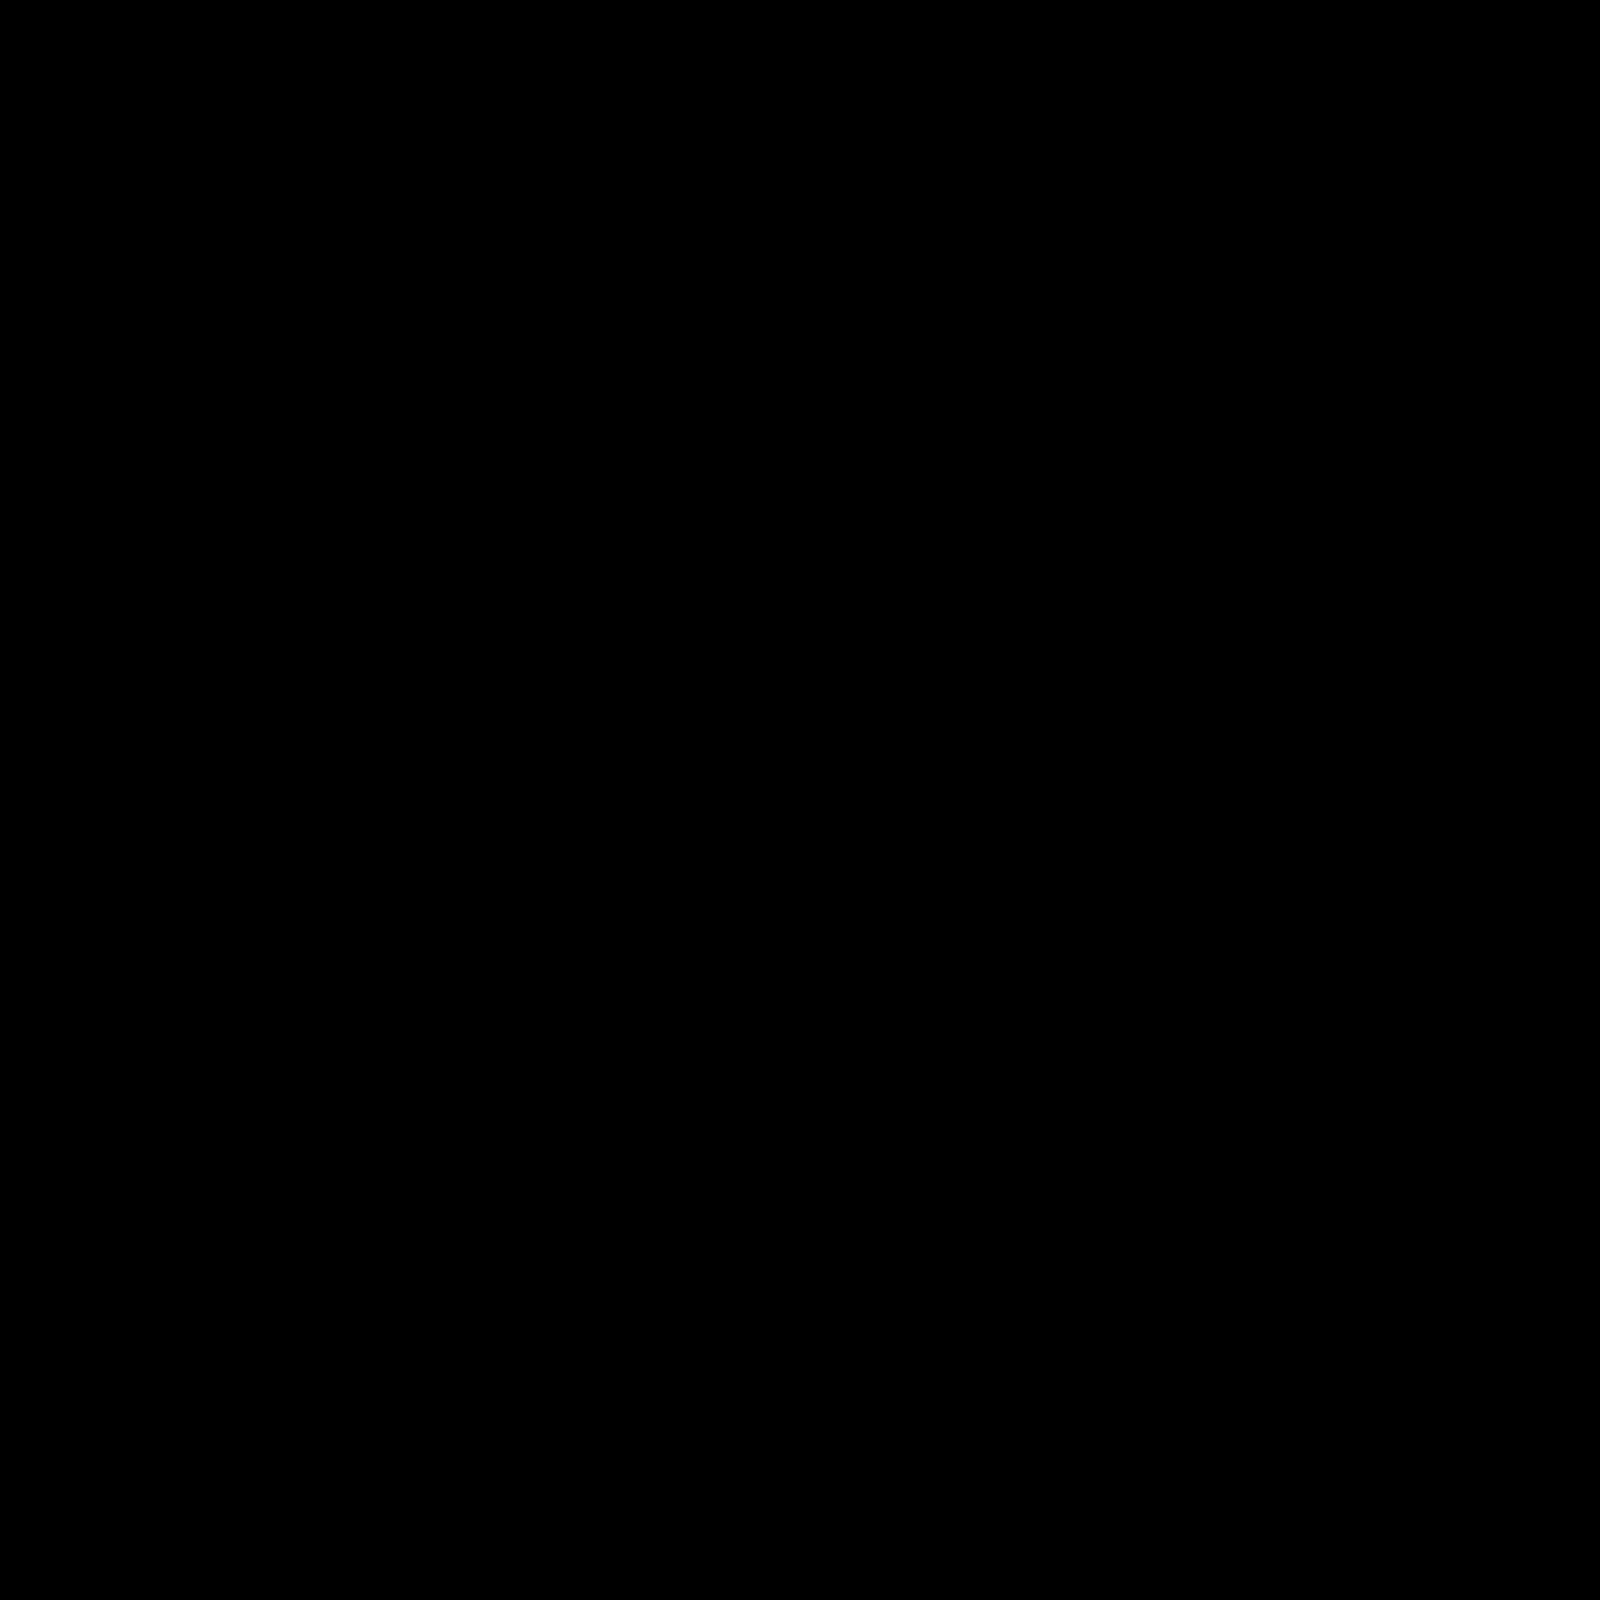 アラームオフ icon